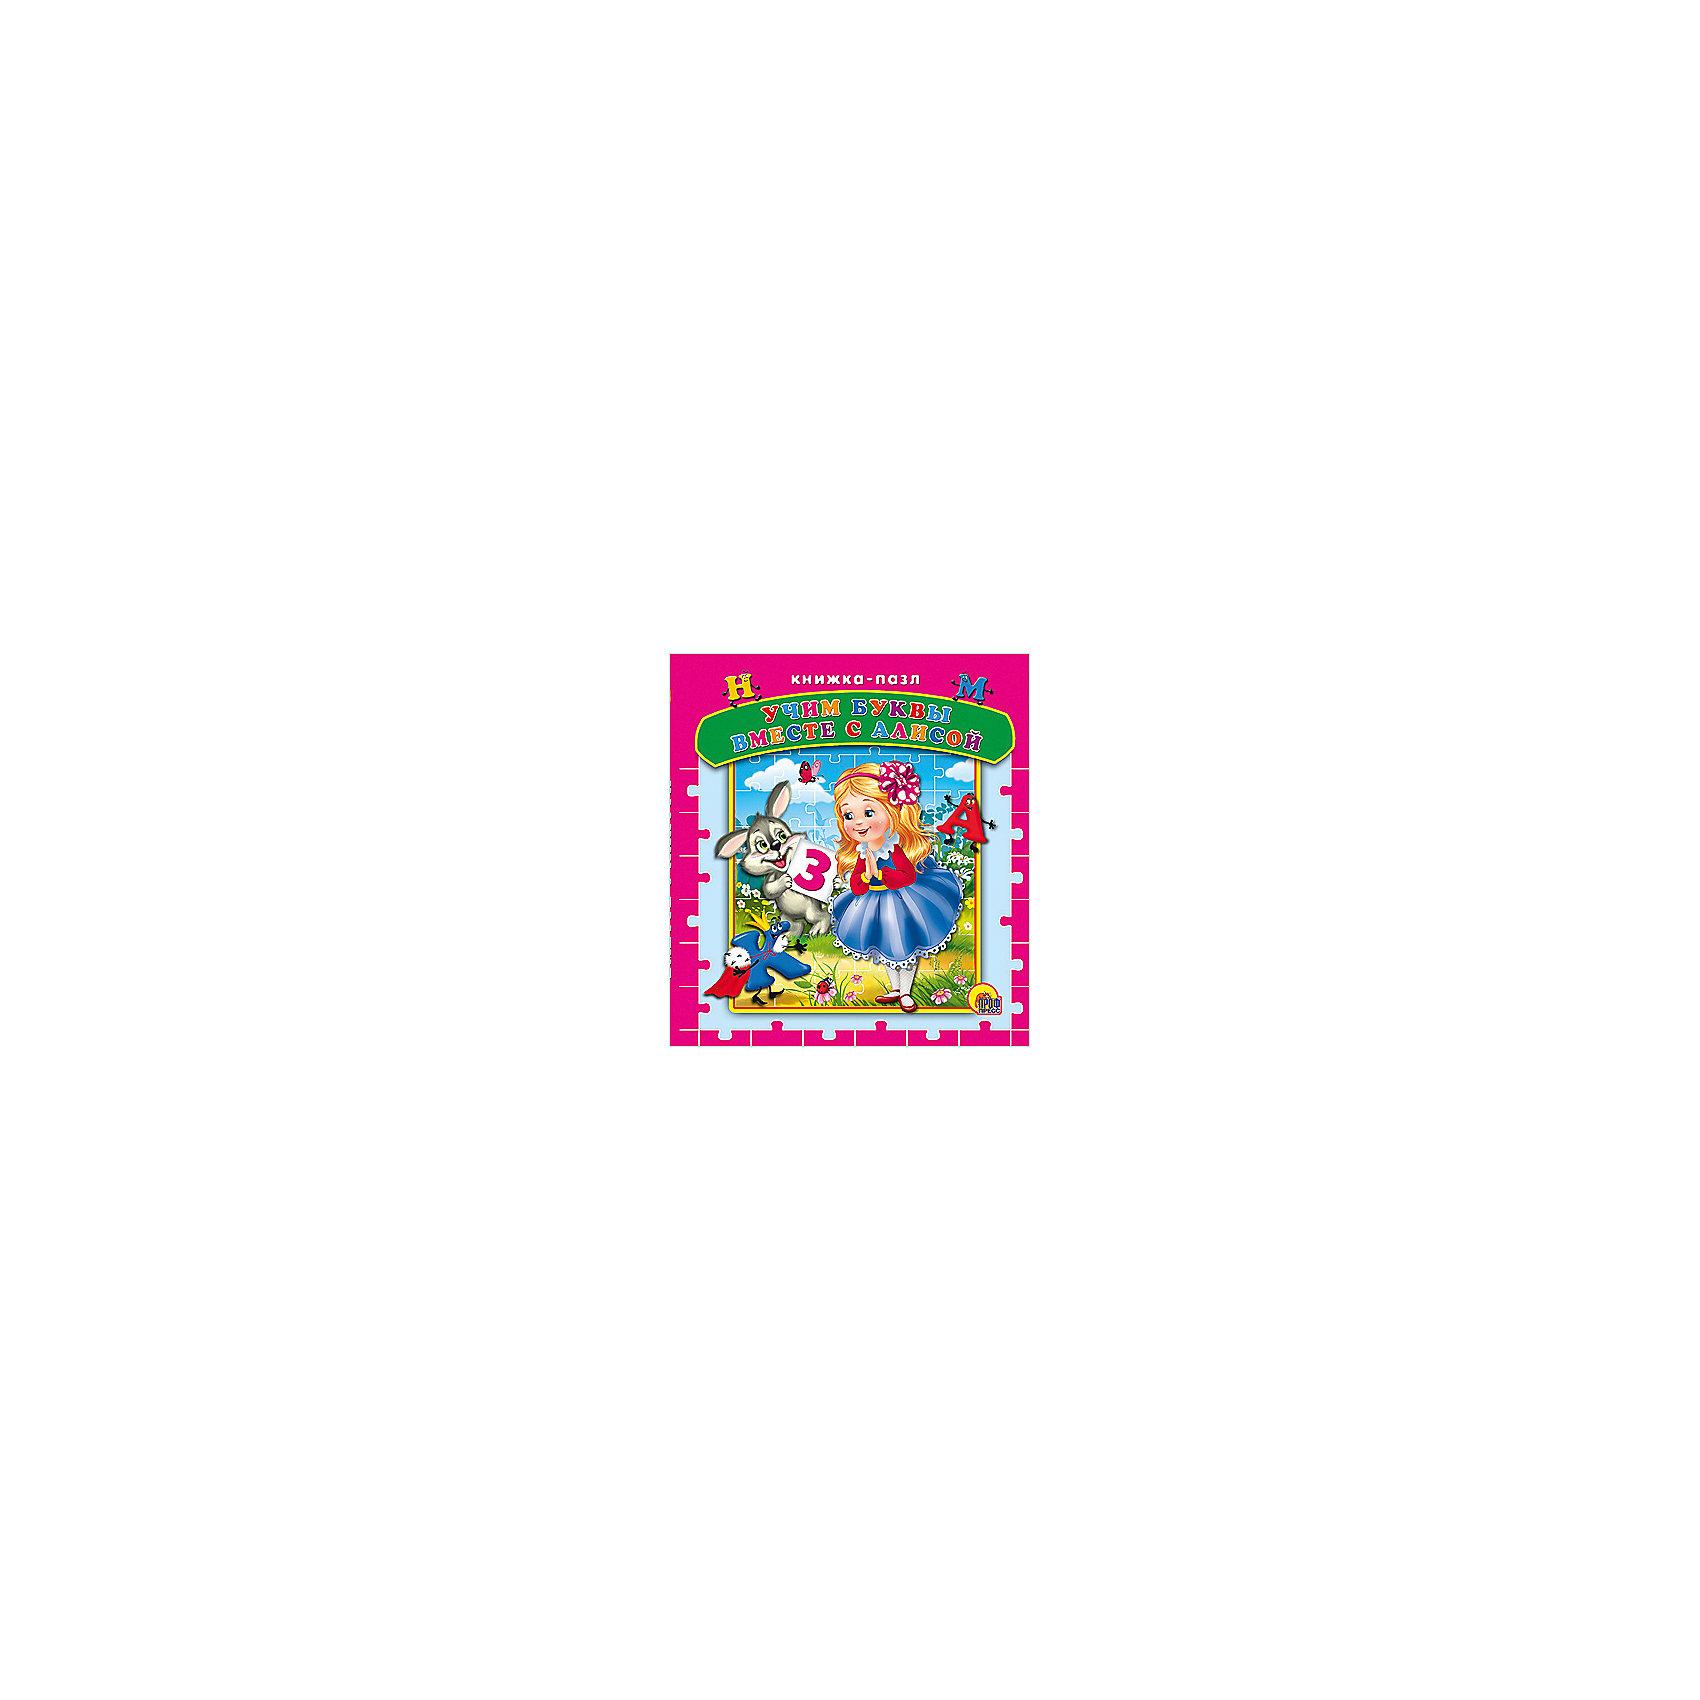 Пазлы. Учим буквы вместе с АлисойУчим буквы вместе с Алисой - книжка-пазл. С ее помощью ребенок сможет выучить буквы и собрать 5 интересных пазлов. С пазлами и красивыми картинками процесс обучения станет еще увлекательнее!<br>Дополнительная информация:<br>Издательство: Проф-Пресс<br>Год выпуска: 2016<br>Серия: Книжки-пазлы на картоне<br>Обложка: твердый переплет<br>Иллюстрации: цветные<br>Количество страниц: 10<br>ISBN:978-5-378-15051-9<br>Размер: 16,2х2х16 см<br>Вес: 425 грамм<br>Книгу Учим буквы вместе с Алисой можно купить в нашем интернет-магазине.<br><br>Ширина мм: 160<br>Глубина мм: 20<br>Высота мм: 162<br>Вес г: 425<br>Возраст от месяцев: 0<br>Возраст до месяцев: 36<br>Пол: Унисекс<br>Возраст: Детский<br>SKU: 4905910